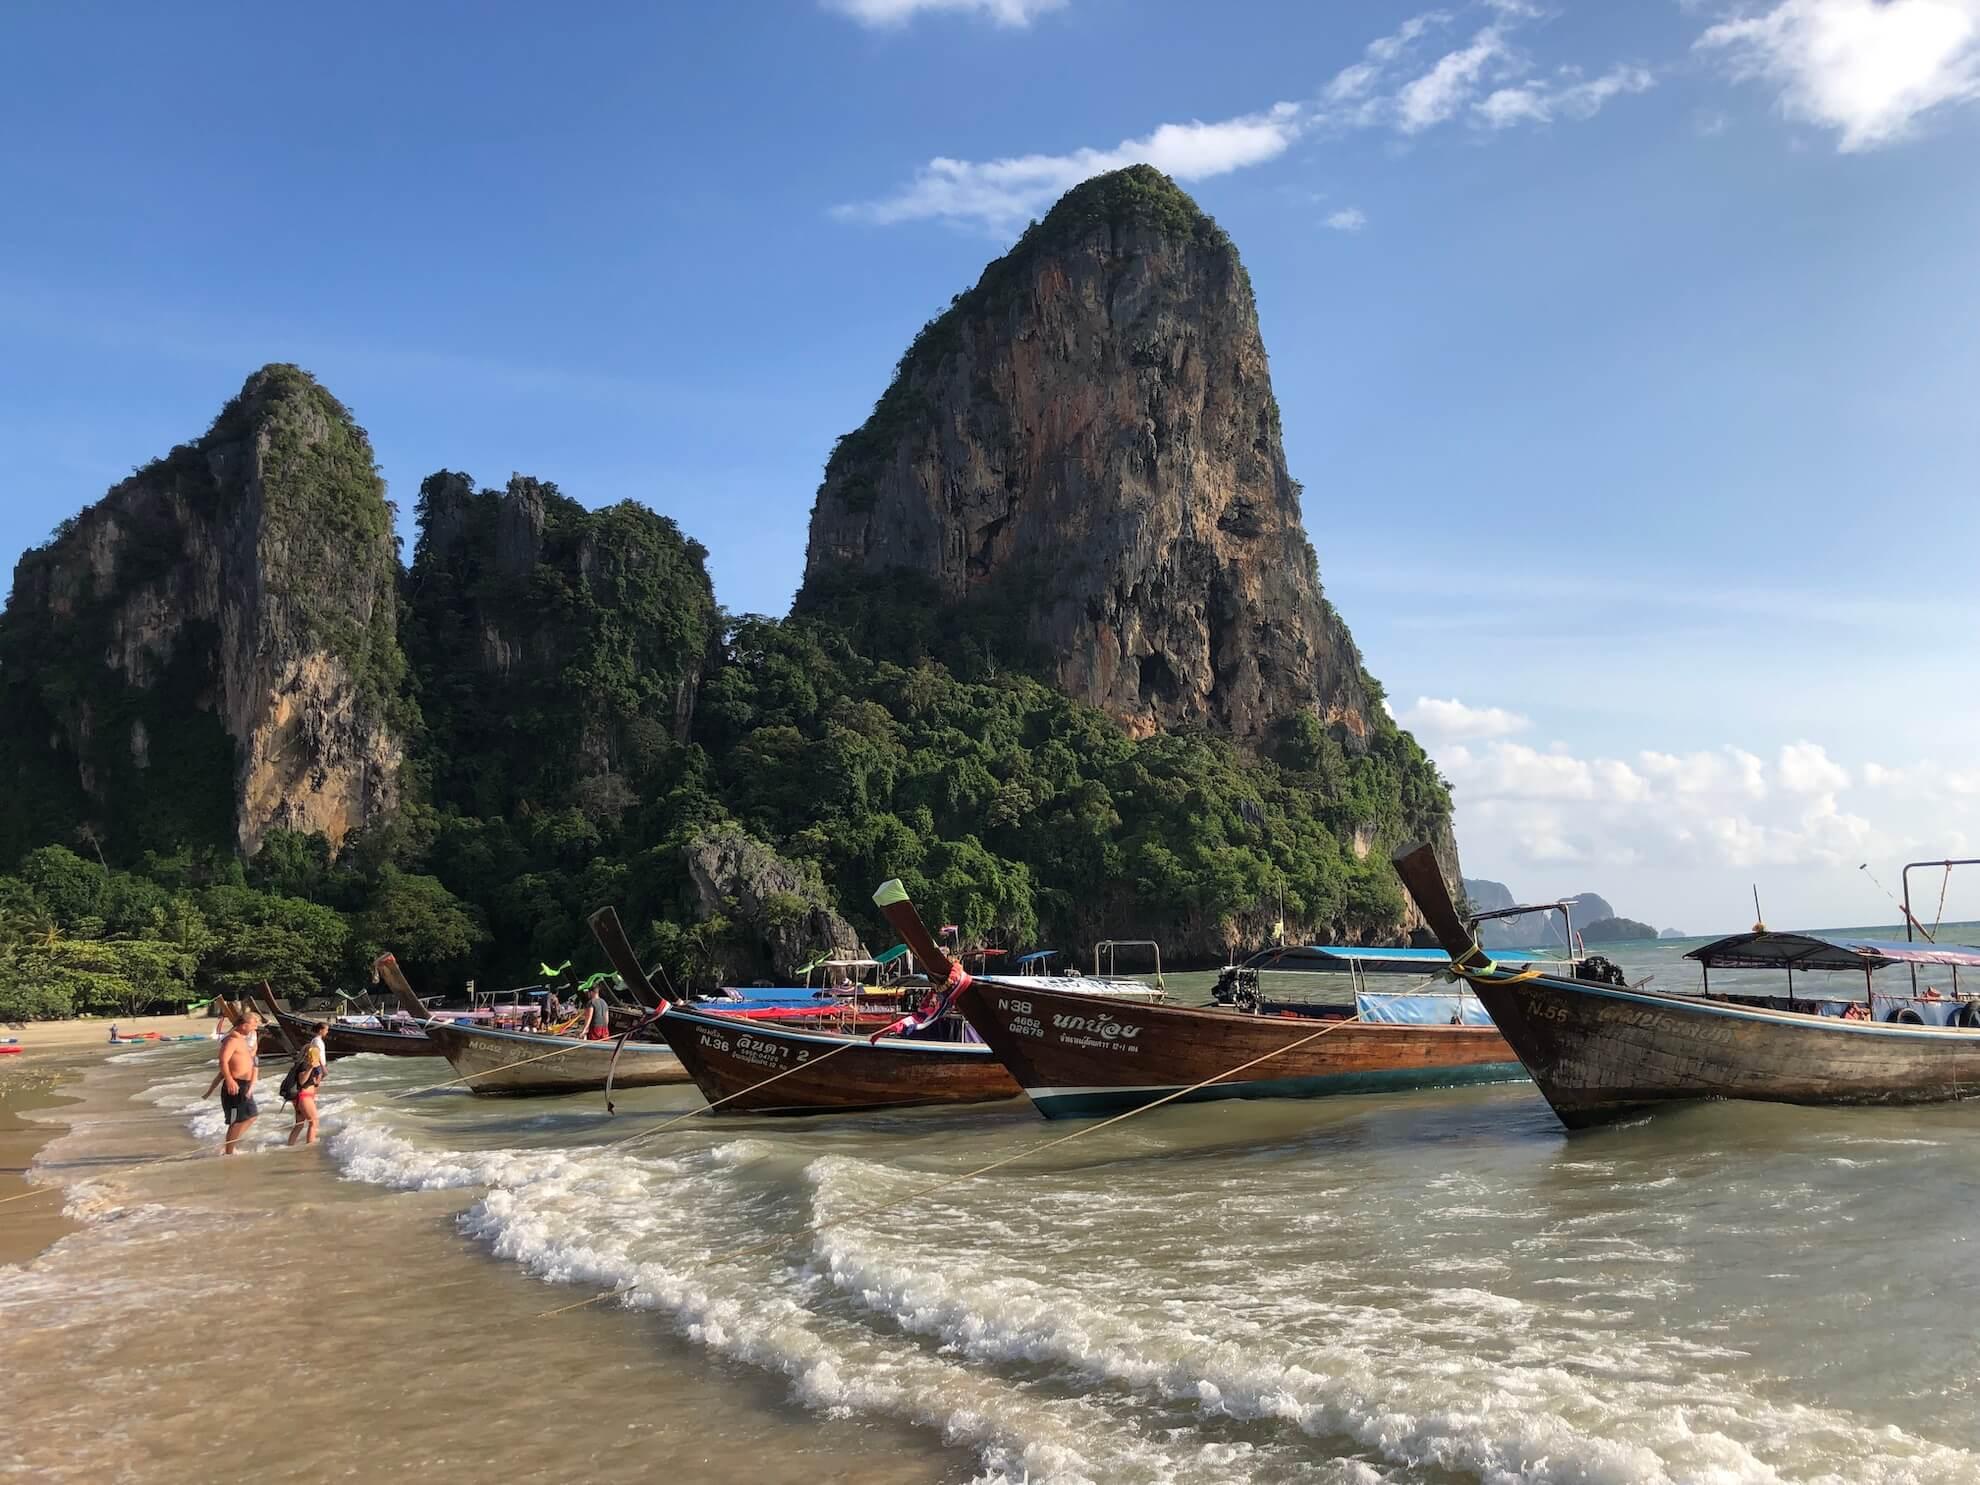 Longtailboten in Thailand aan het strand van Railay Beach